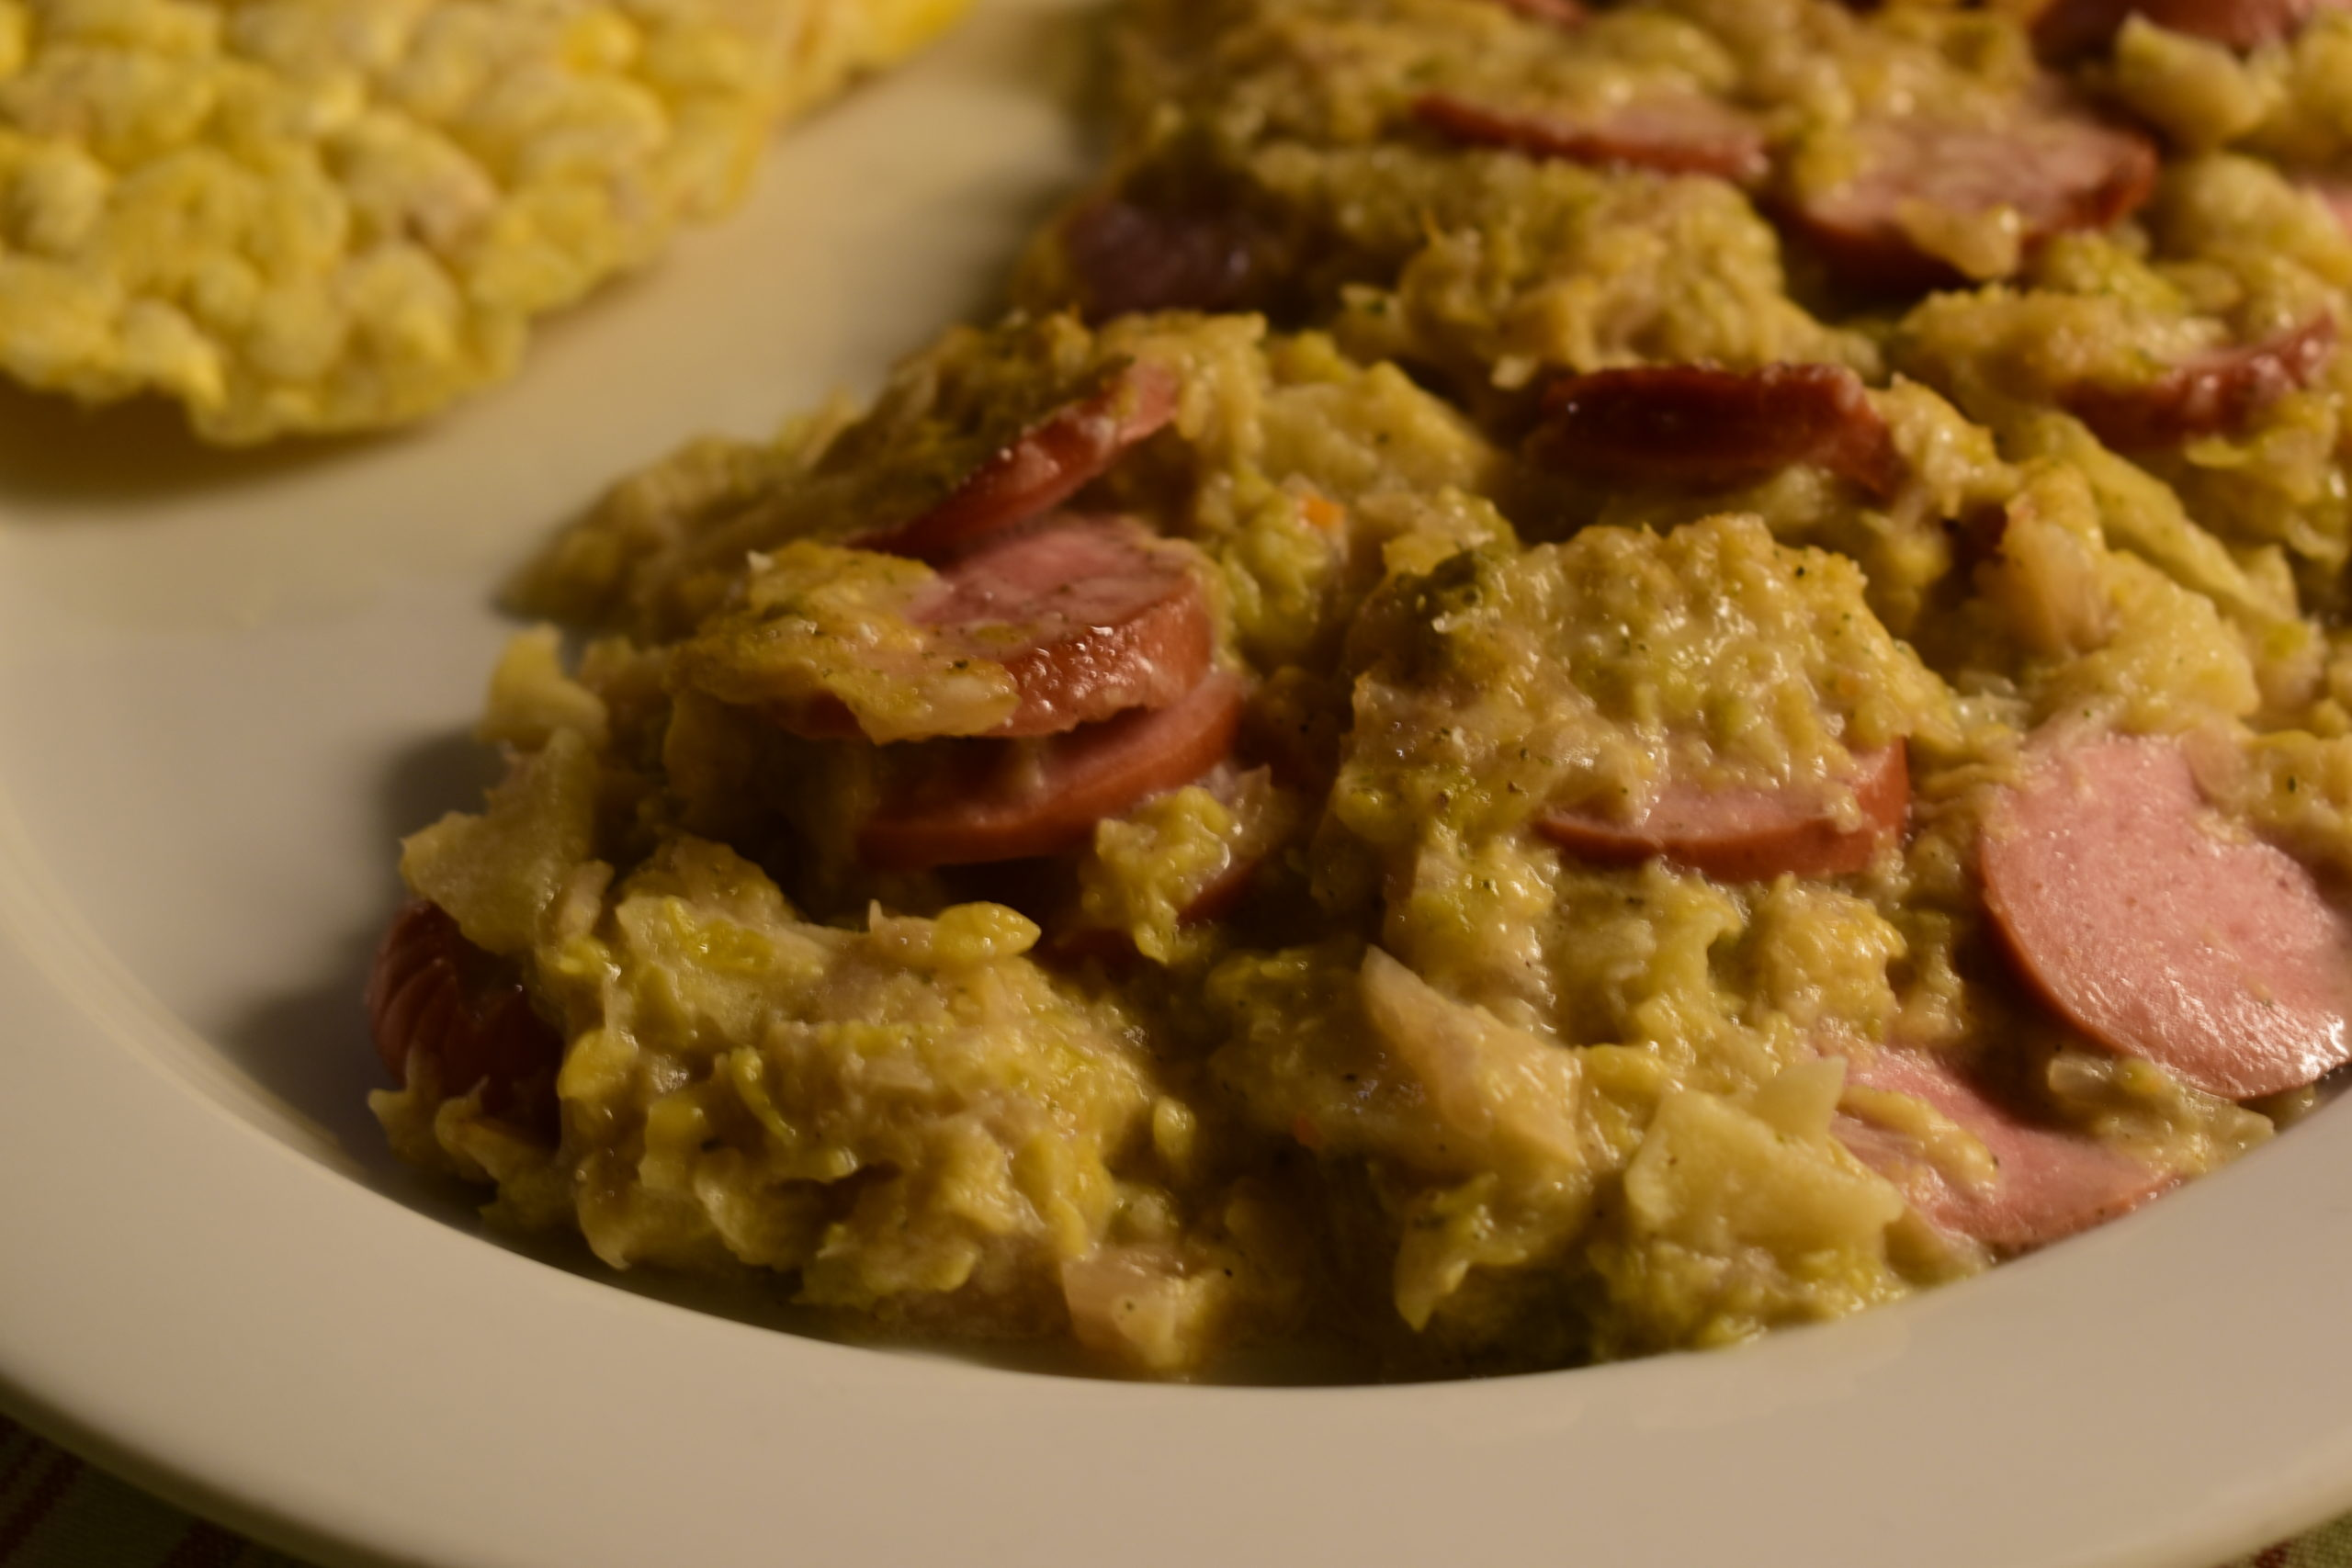 Oven baked sauerkrauts